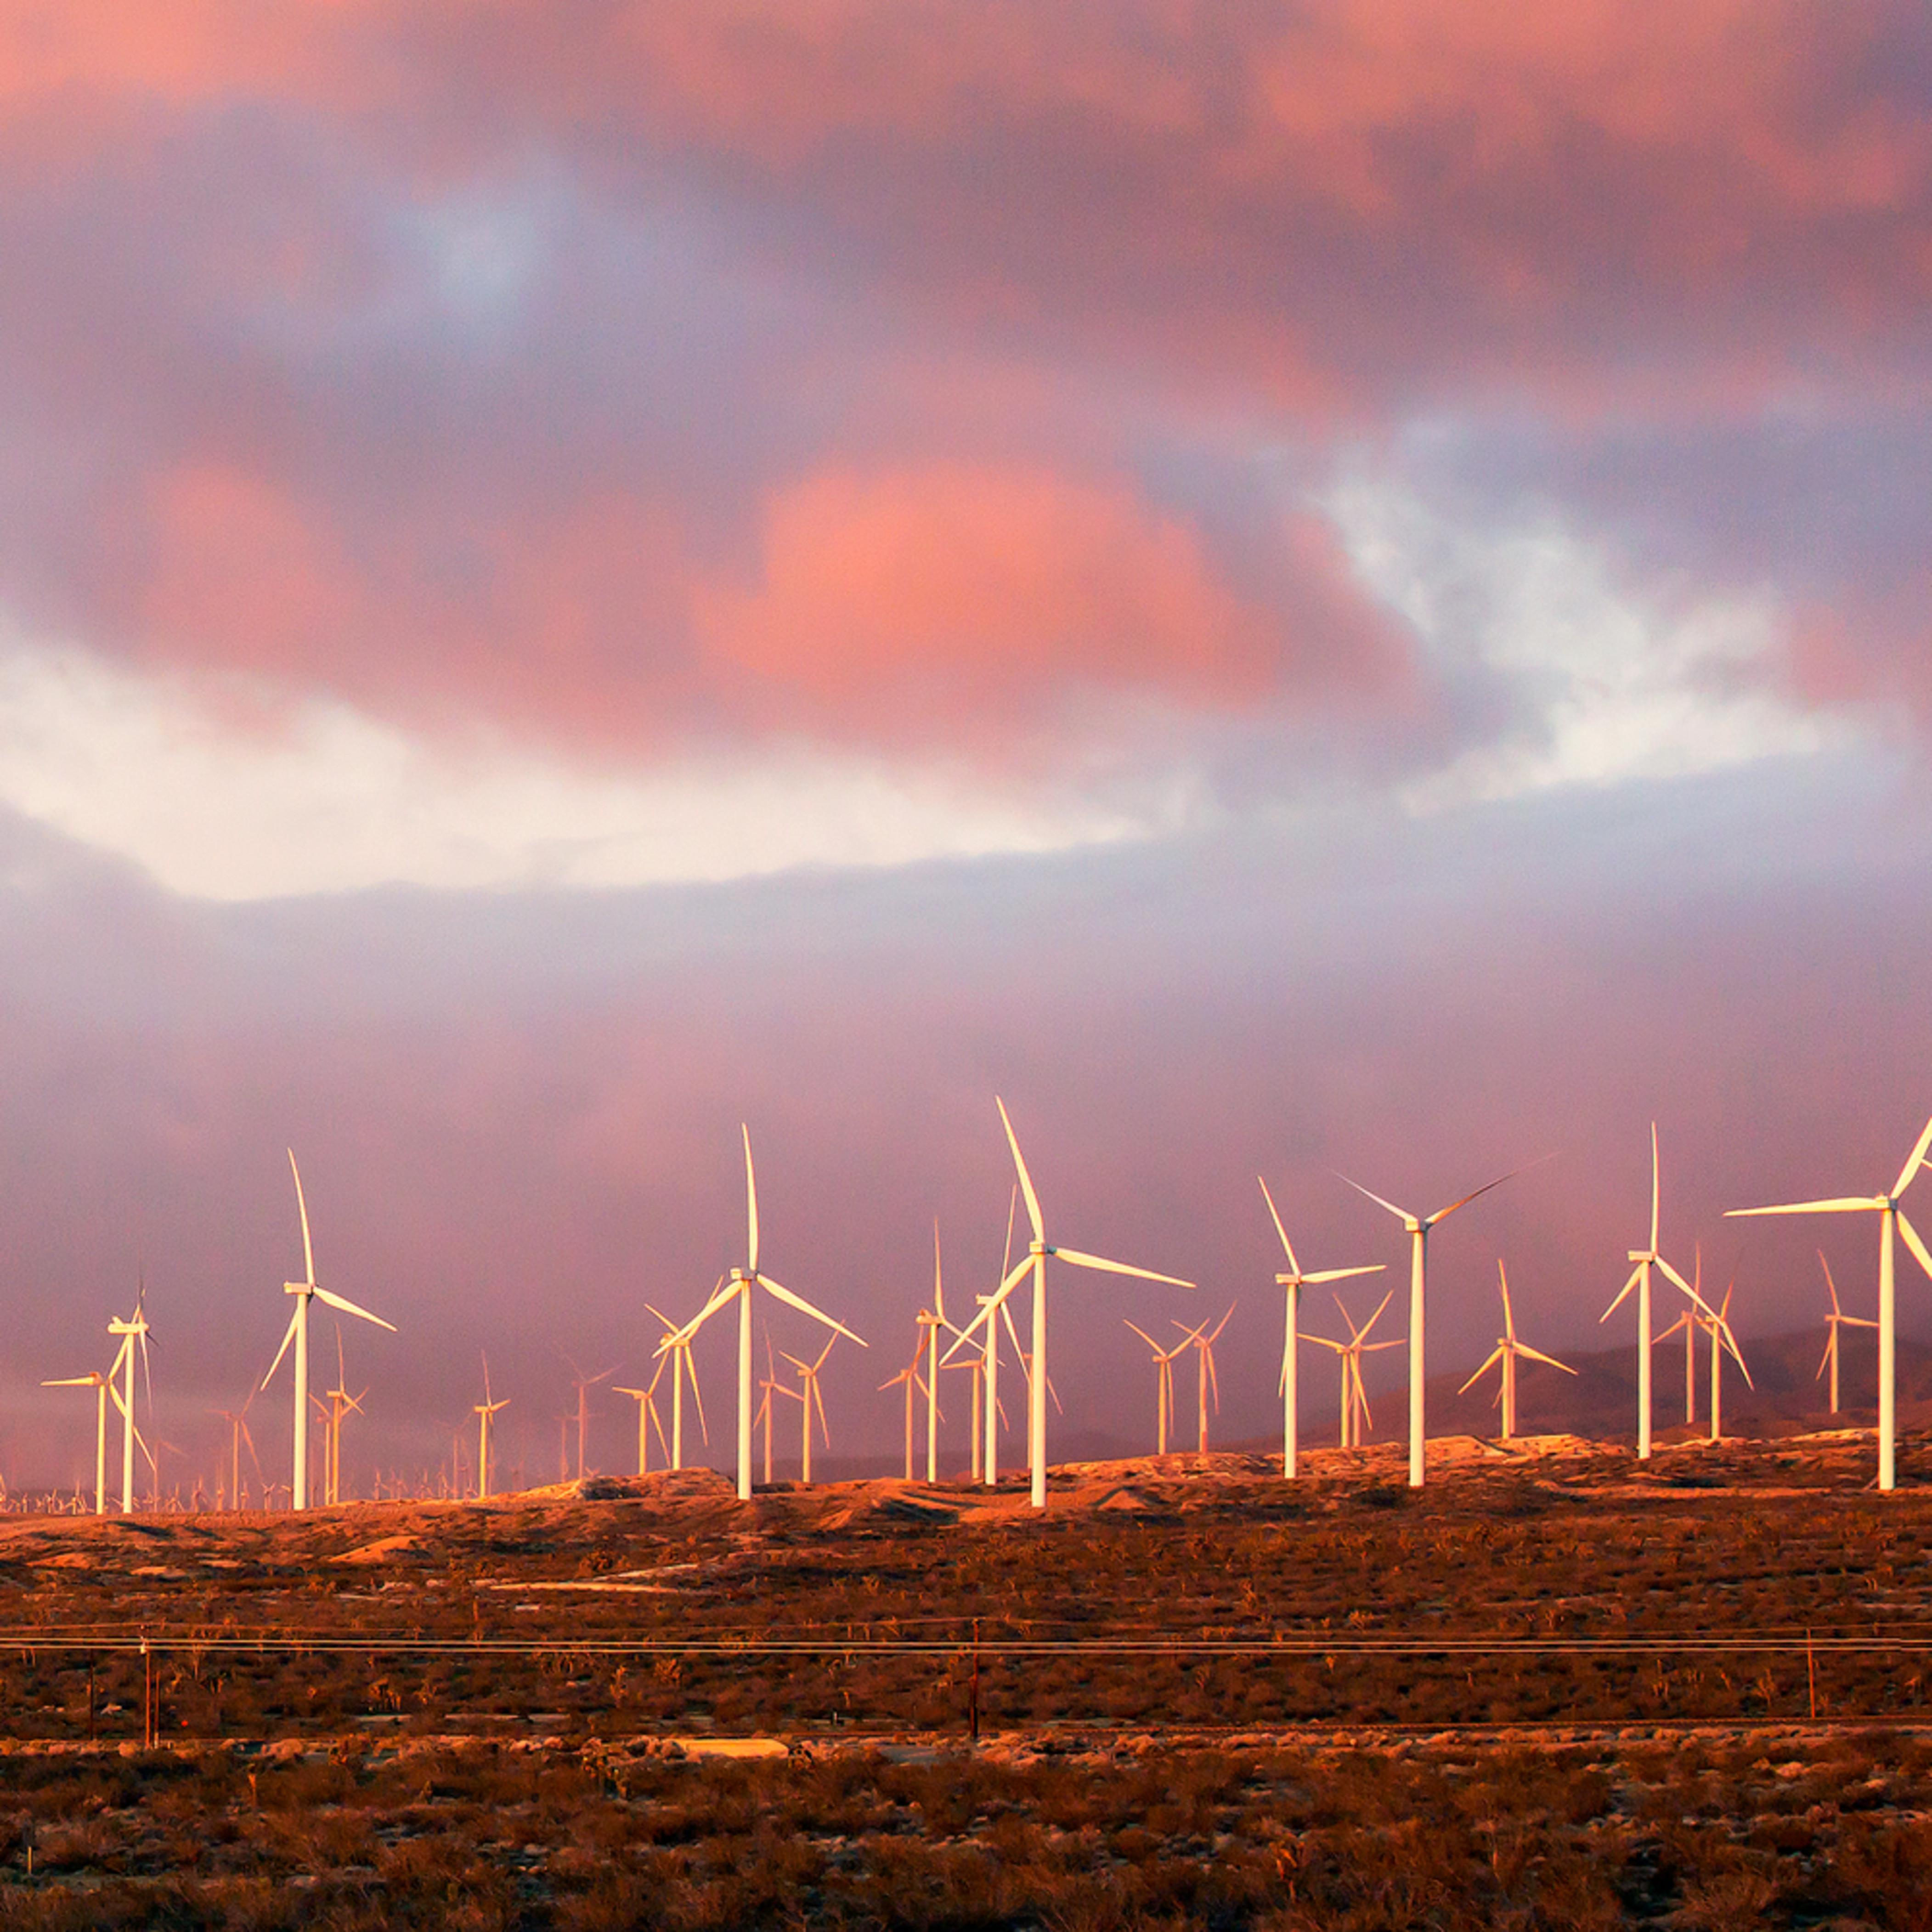 Windmill sunriseb d3xhny